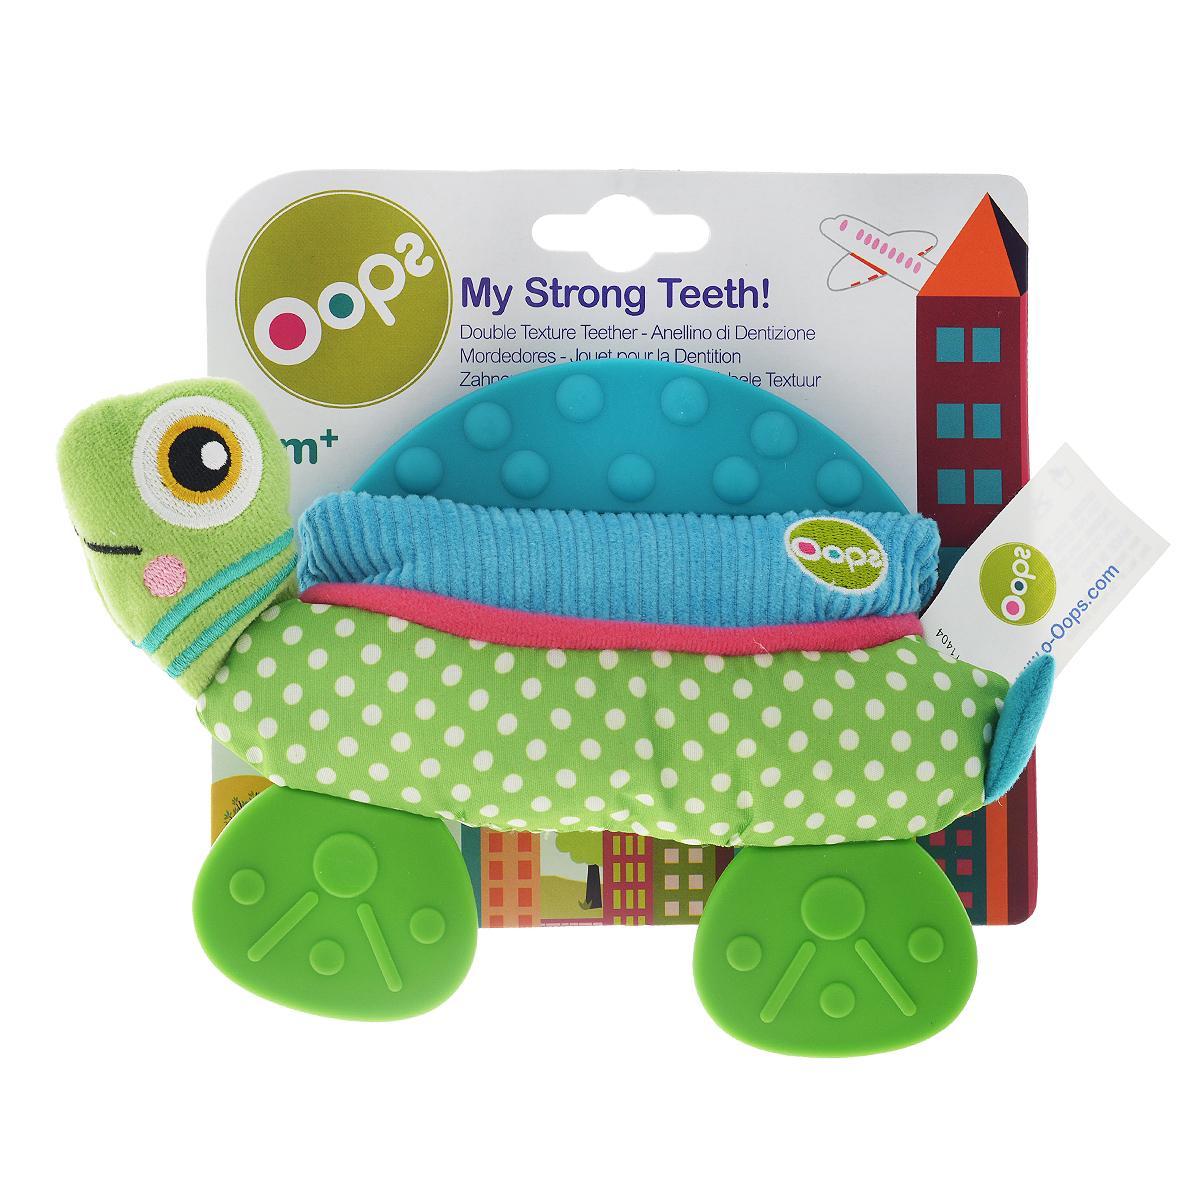 Игрушка-прорезыватель OOPS ЧерепахаO 13002.23Игрушка-прорезыватель OOPS Черепаха станет верным другом для вашего малыша. Прорезыватель выполнен из безопасных текстильных материалов в виде черепахи. Мягкая игрушка оснащена пластиковыми пластинами-прорезыввателями и шуршащими элементами. Прорезыватели помогут крохе снять неприятные ощущения при появлении зубов. Игрушка развивает наглядно-образное мышление и моторику рук.